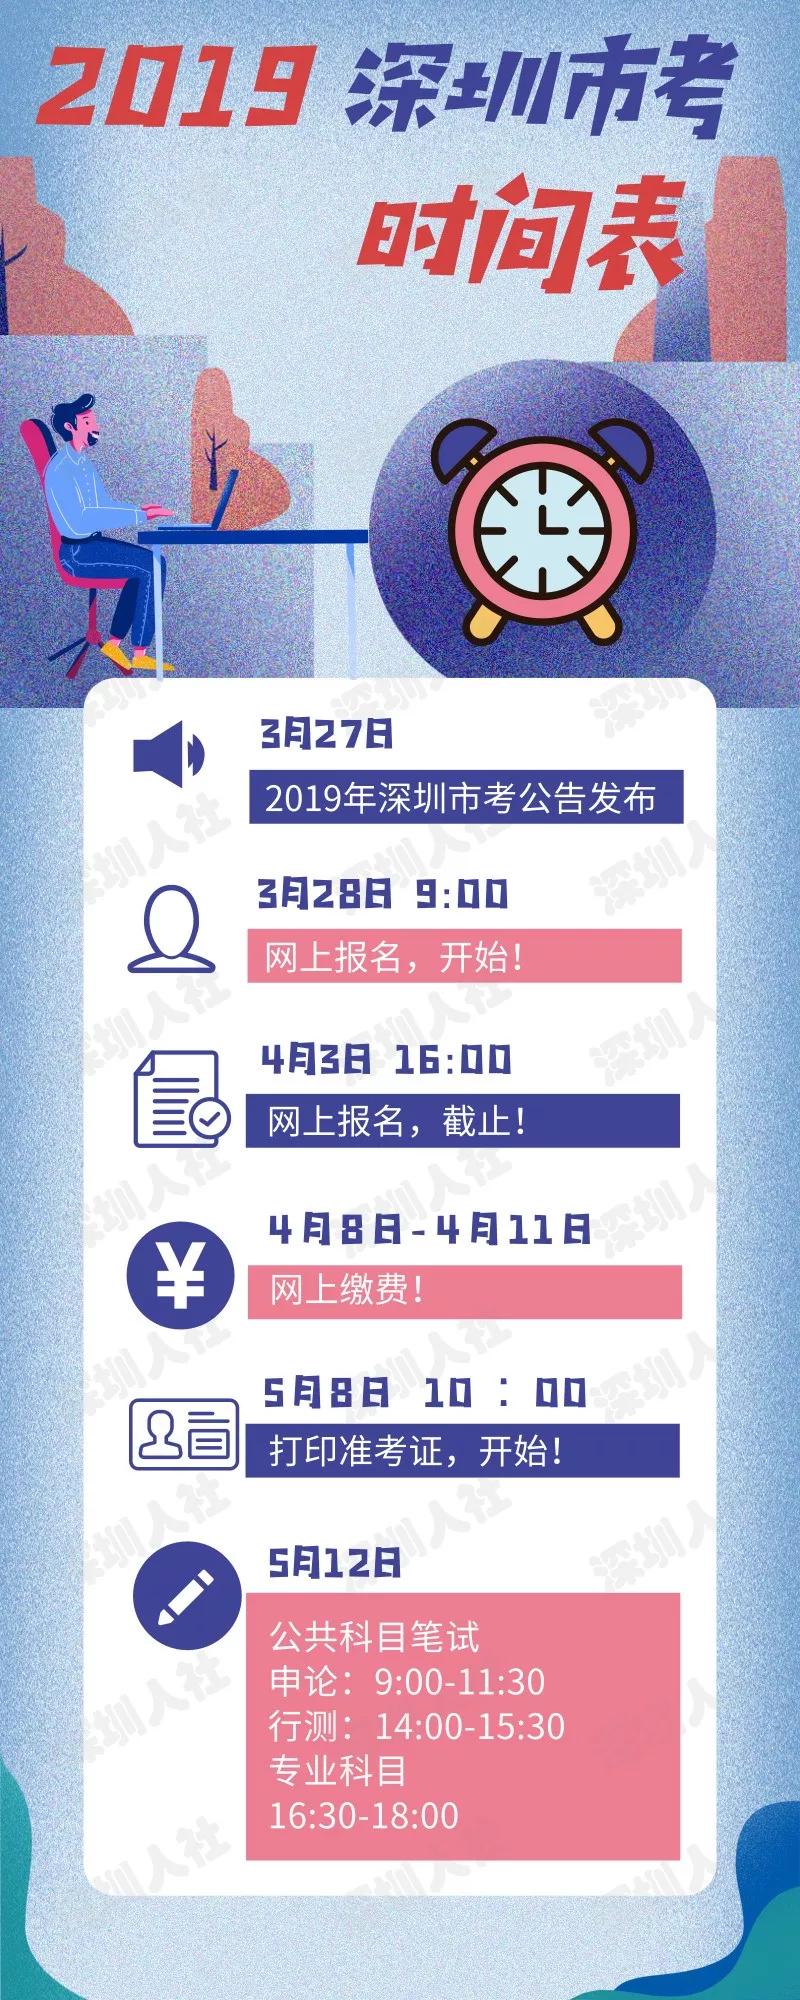 机会来了!深圳面向杏耀娱乐客服全国招考公务员469名,3月